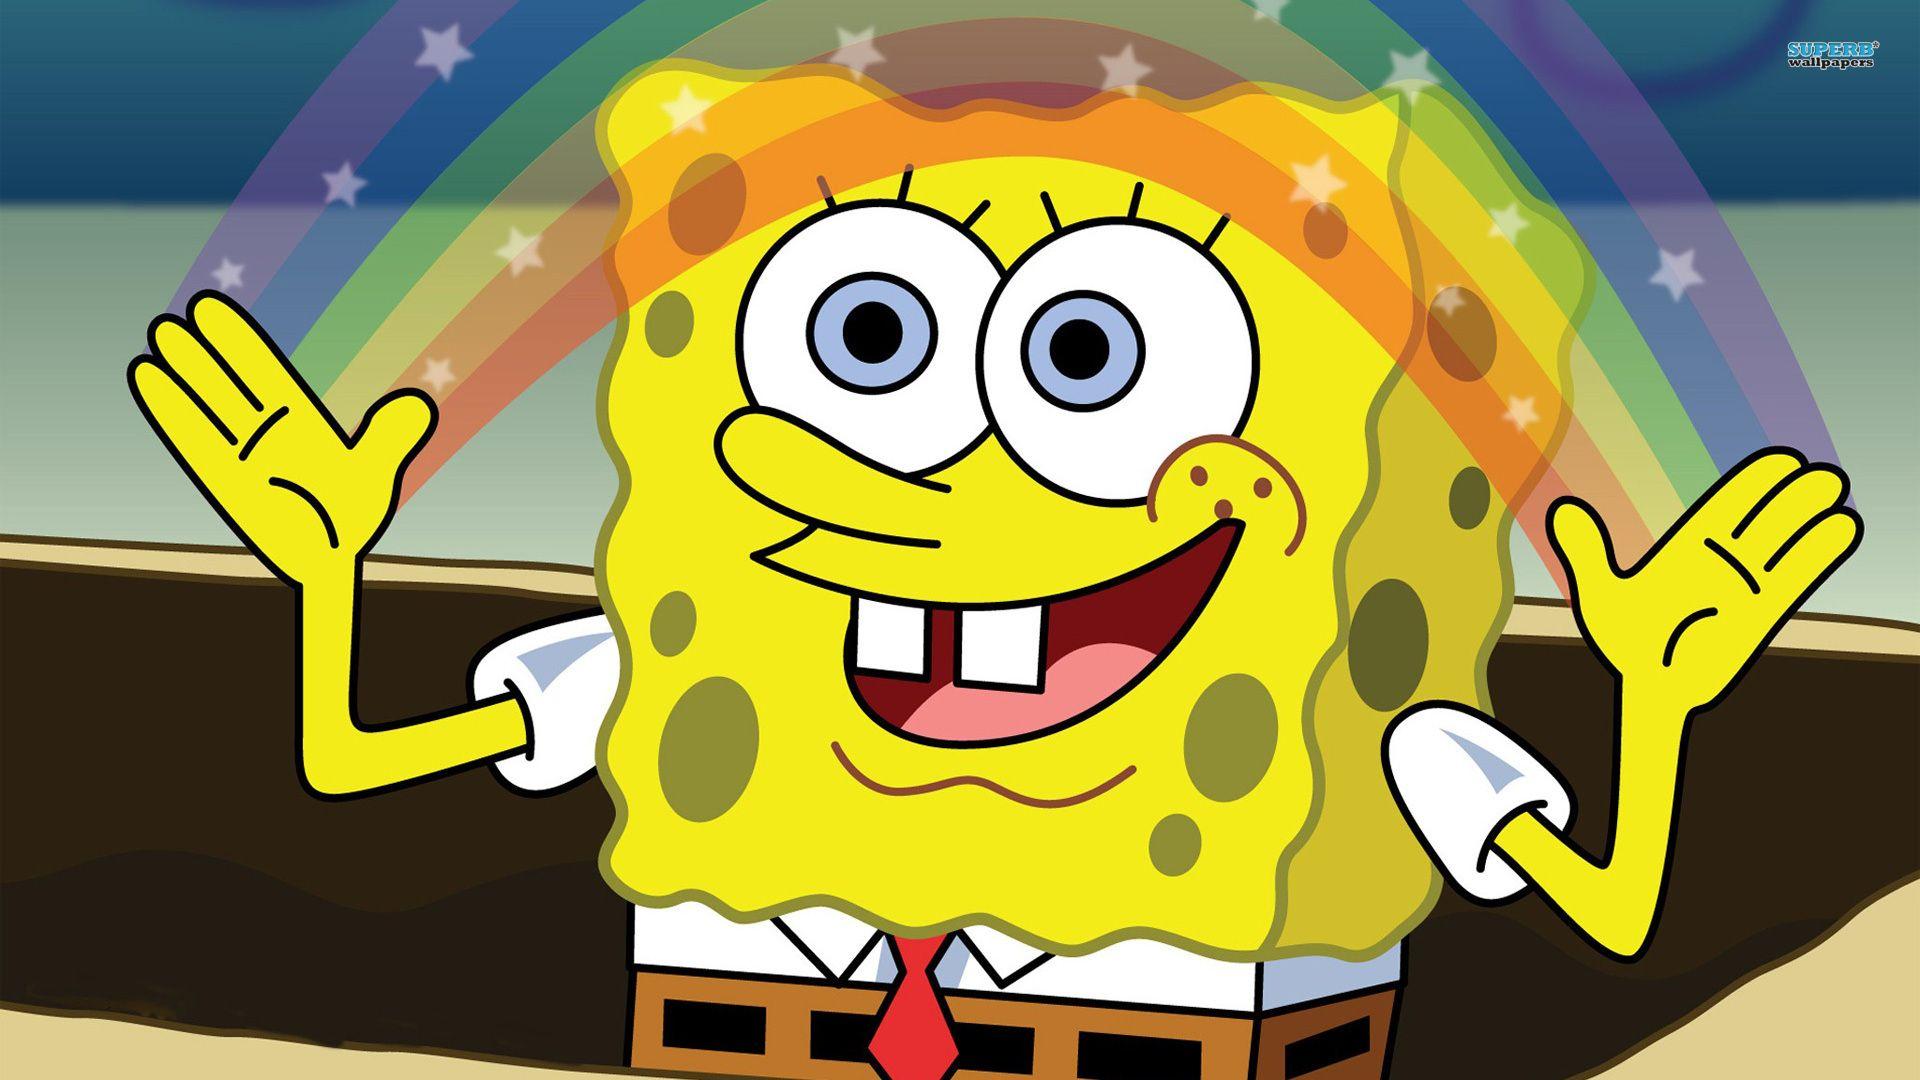 35 Gambar Wallpaper Hd Iphone Spongebob terbaru 2020 di